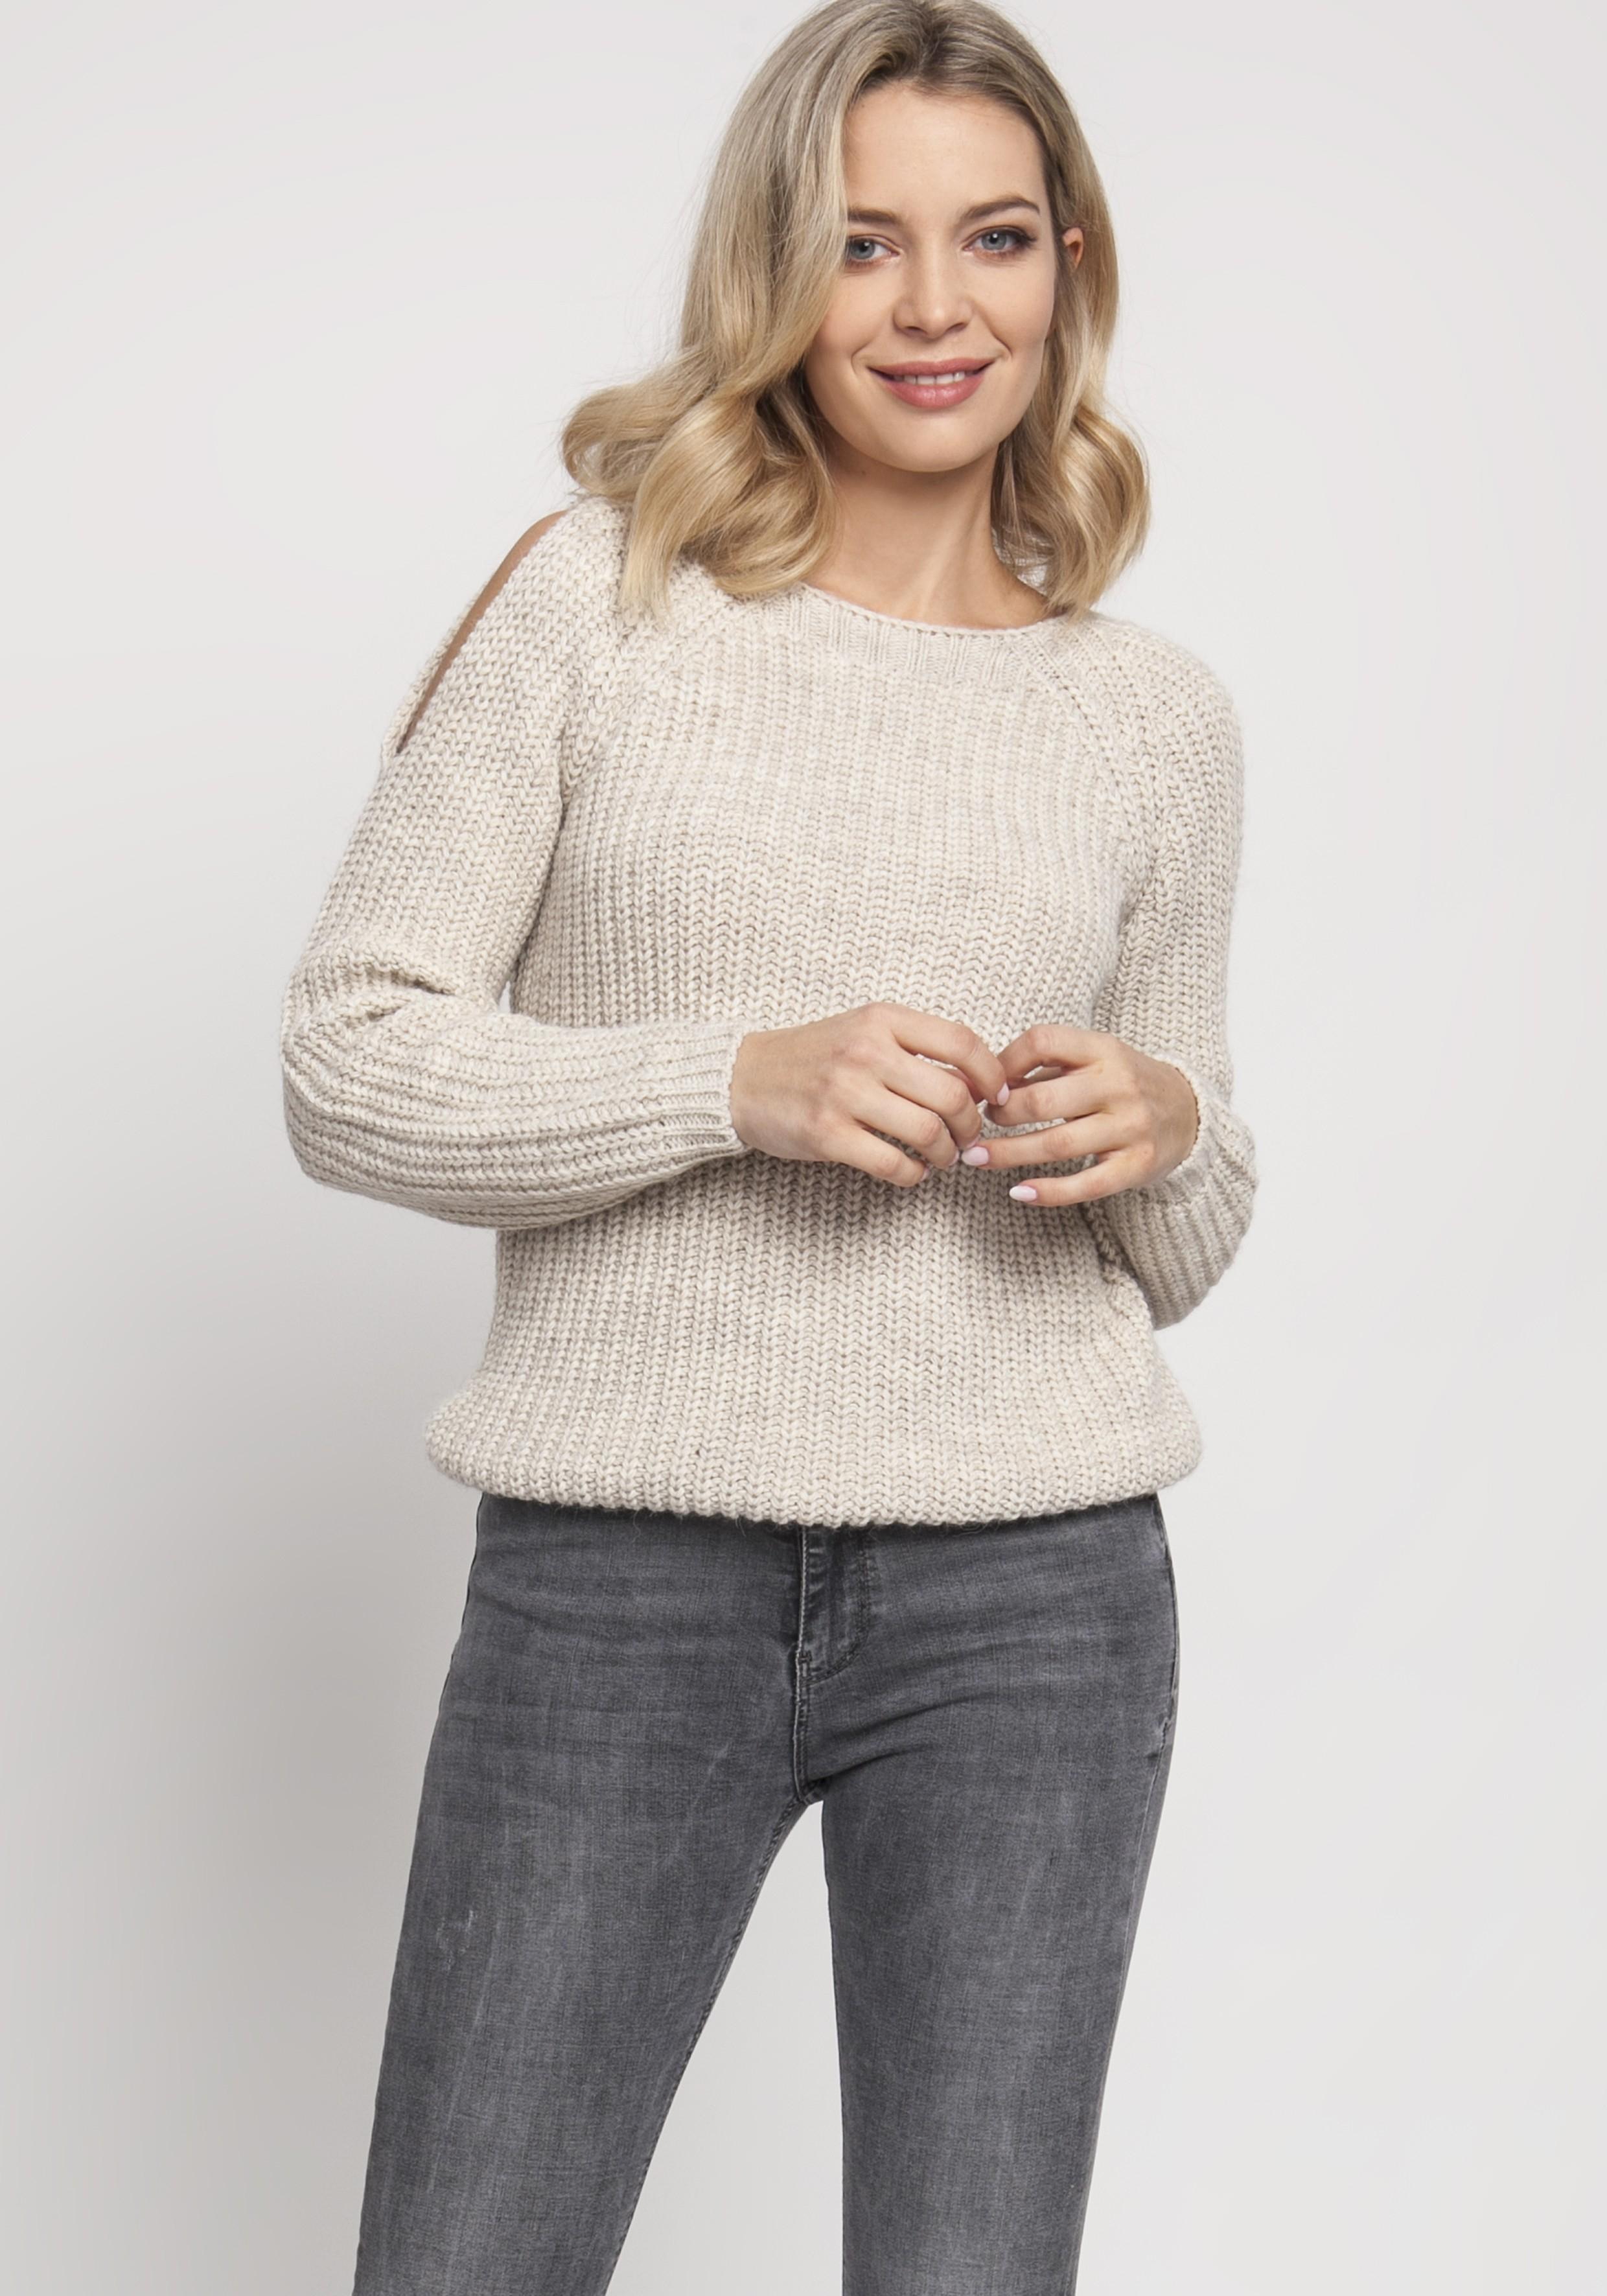 Pletený dámsky béžový sveter s otvormi na pleciach - S